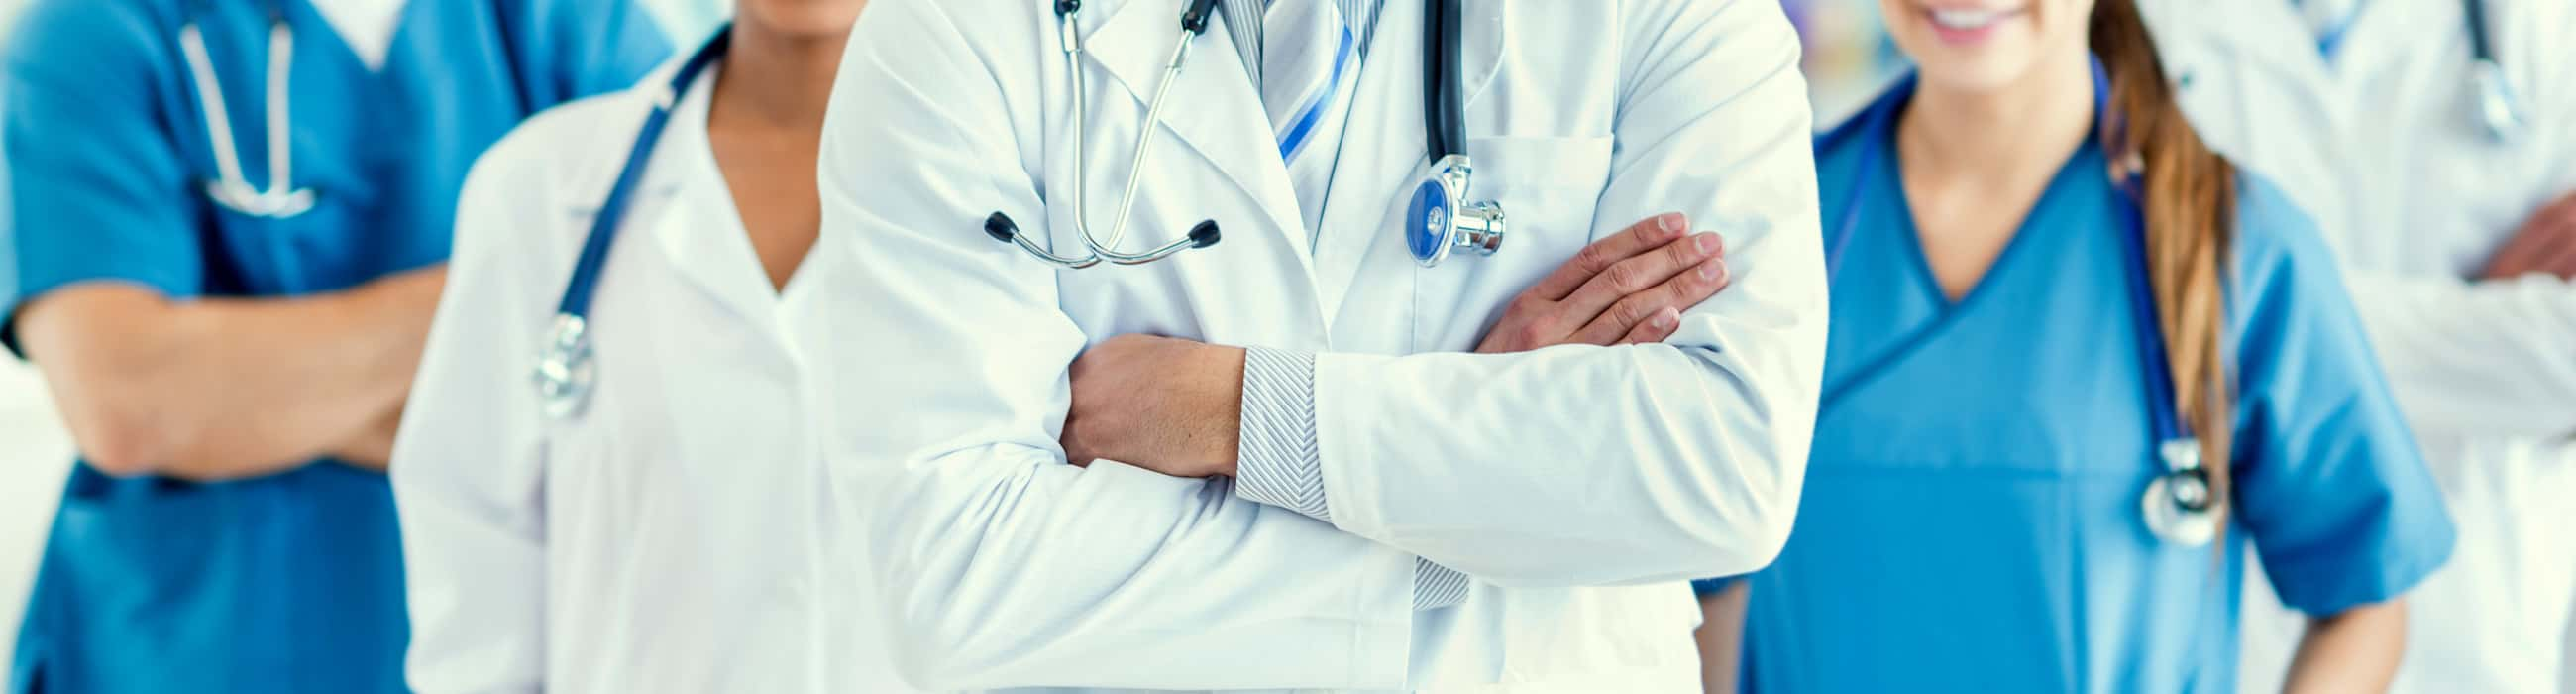 Steuerberatung für Krankenhäuser